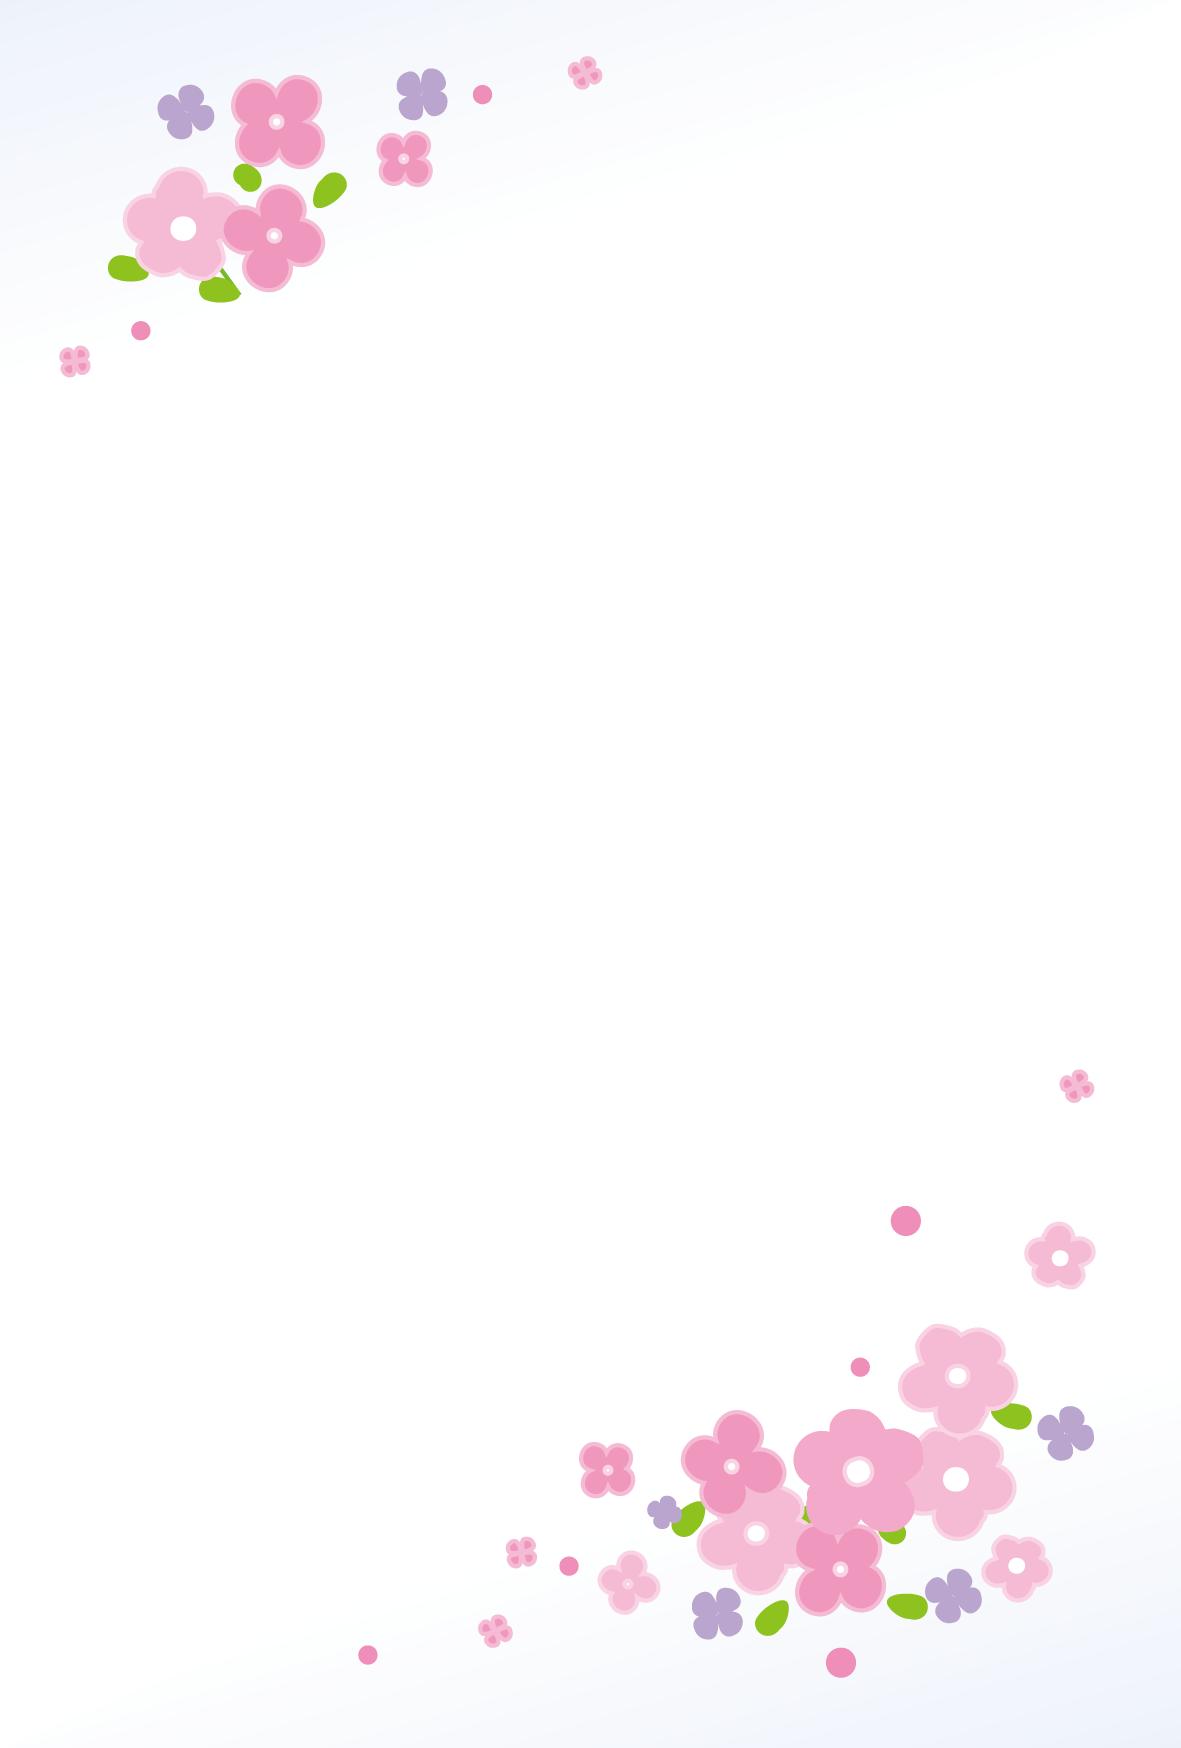 はがき背景(年賀状)無料素材/小花